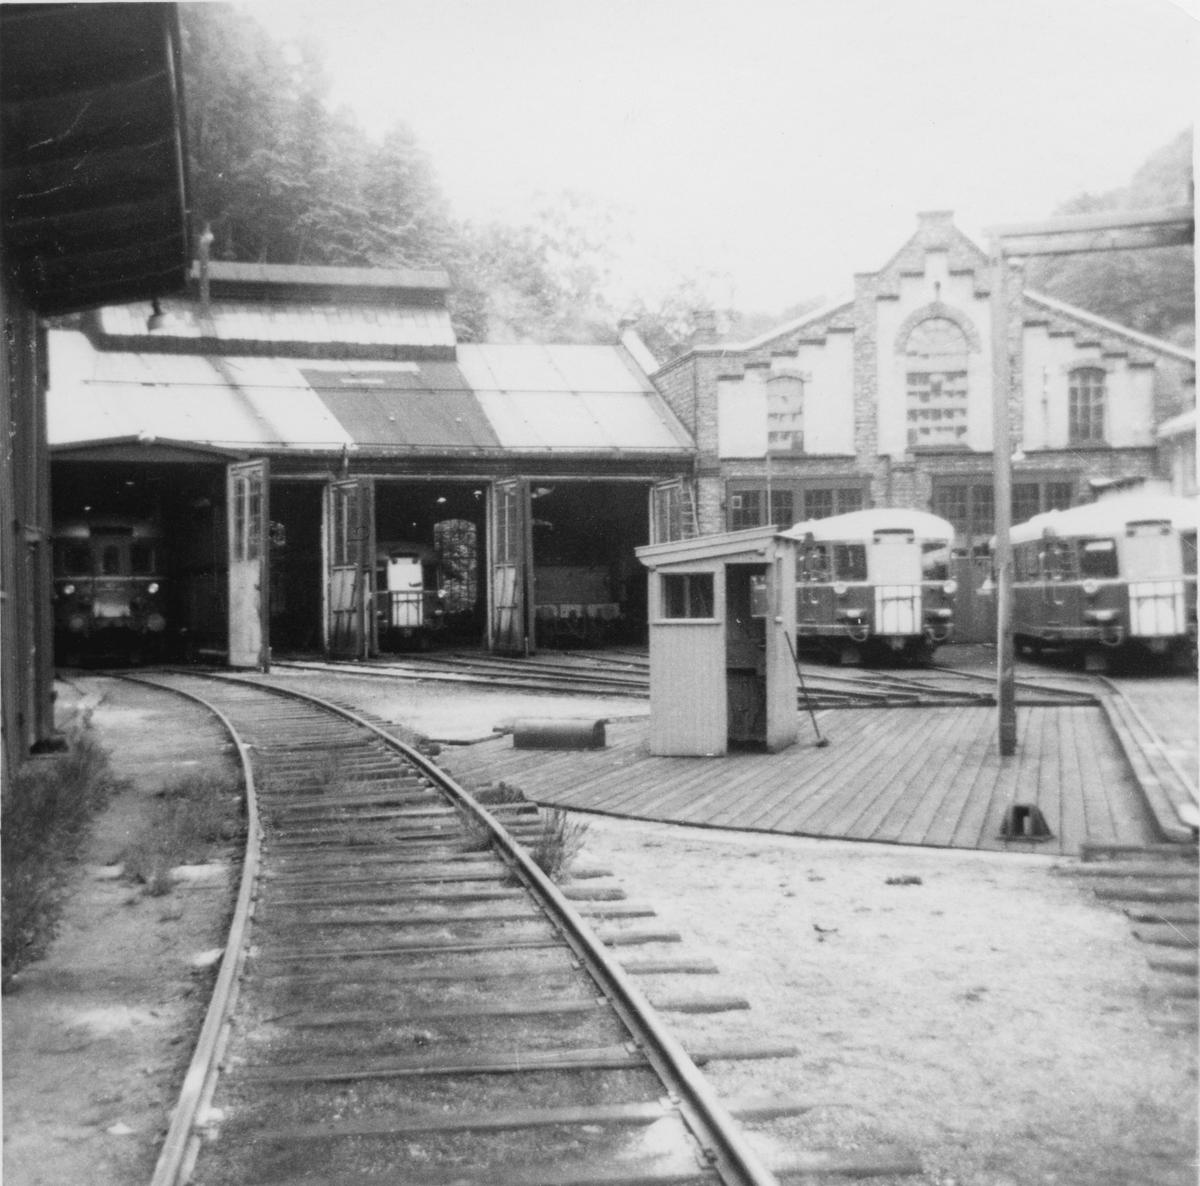 Lokstallen i Arendal. Fra høyre sees tre motorvogner type Bmdo 87 samt en motorvogn type Bmdo 86.